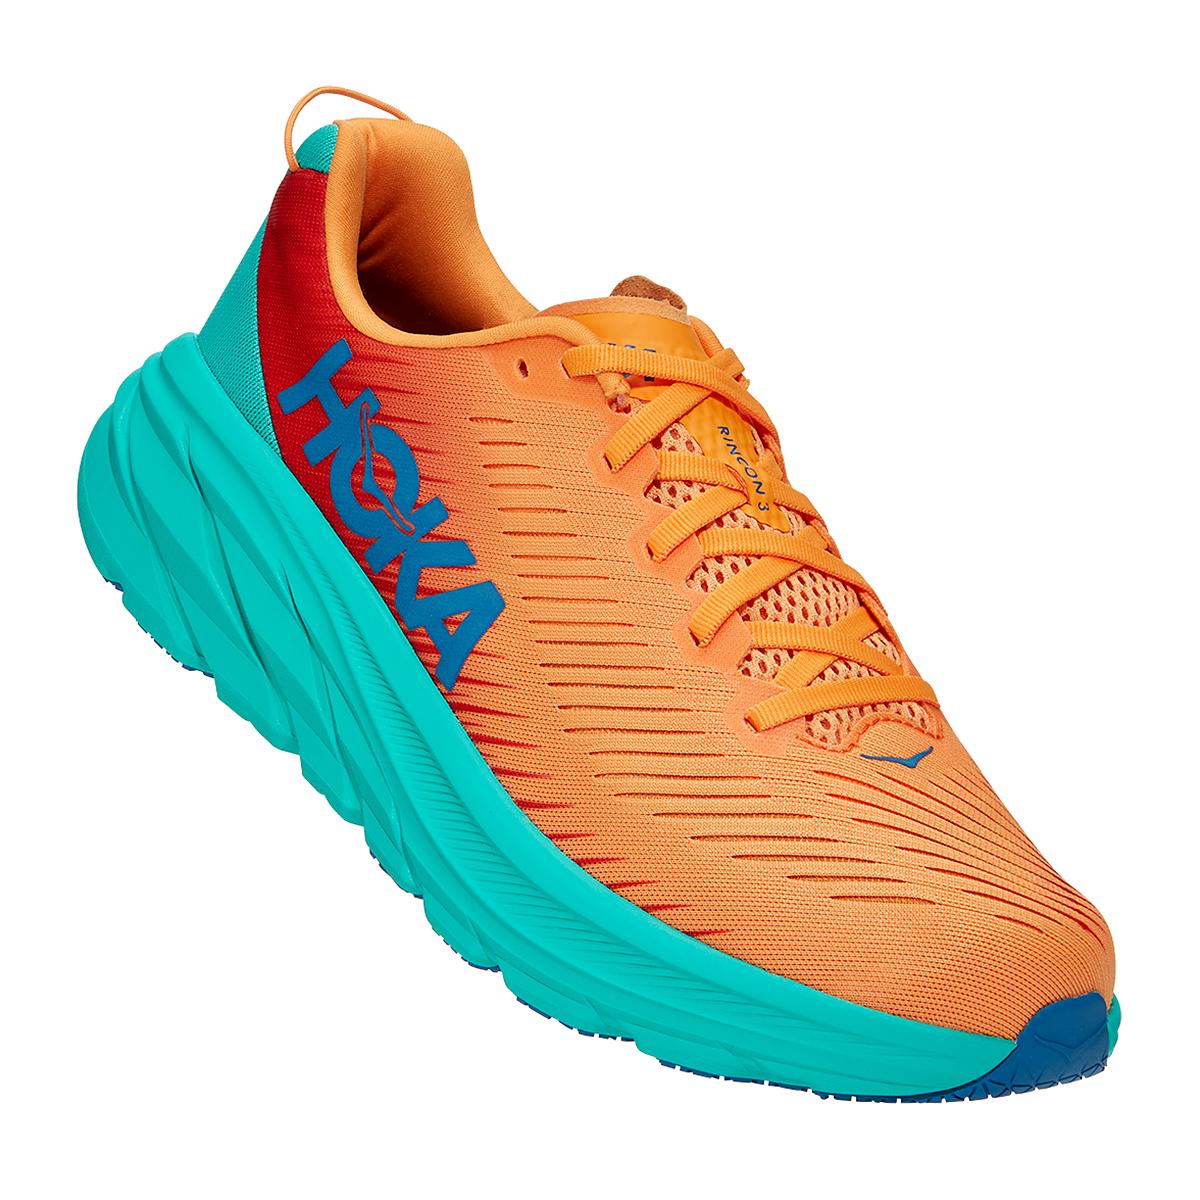 Men's Hoka One One Rincon 3 Running Shoe - Color: Blazing Orange - Size: 7 - Width: Regular, Blazing Orange, large, image 5